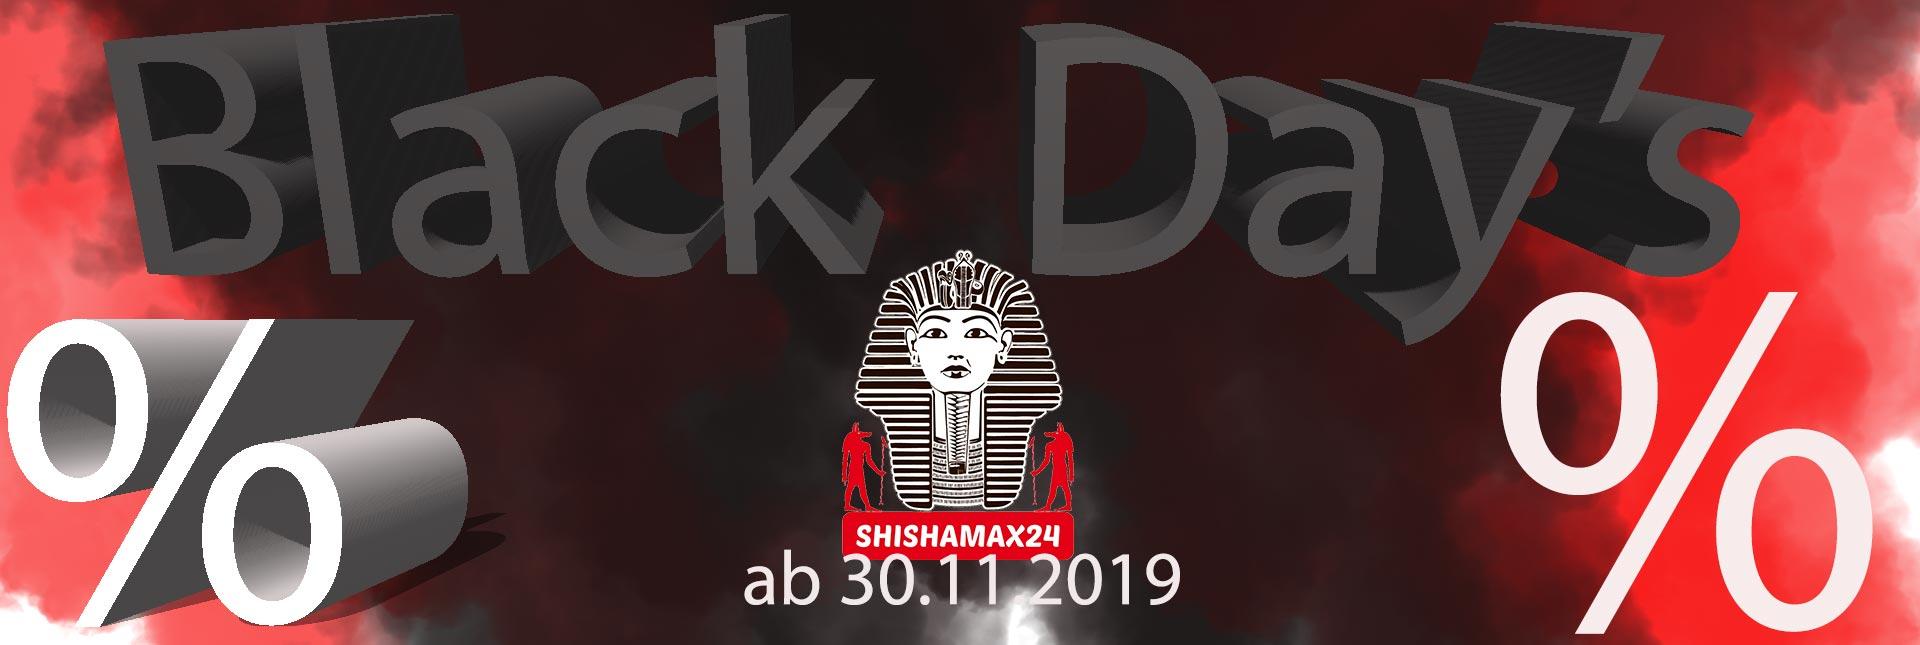 BLACK Day's